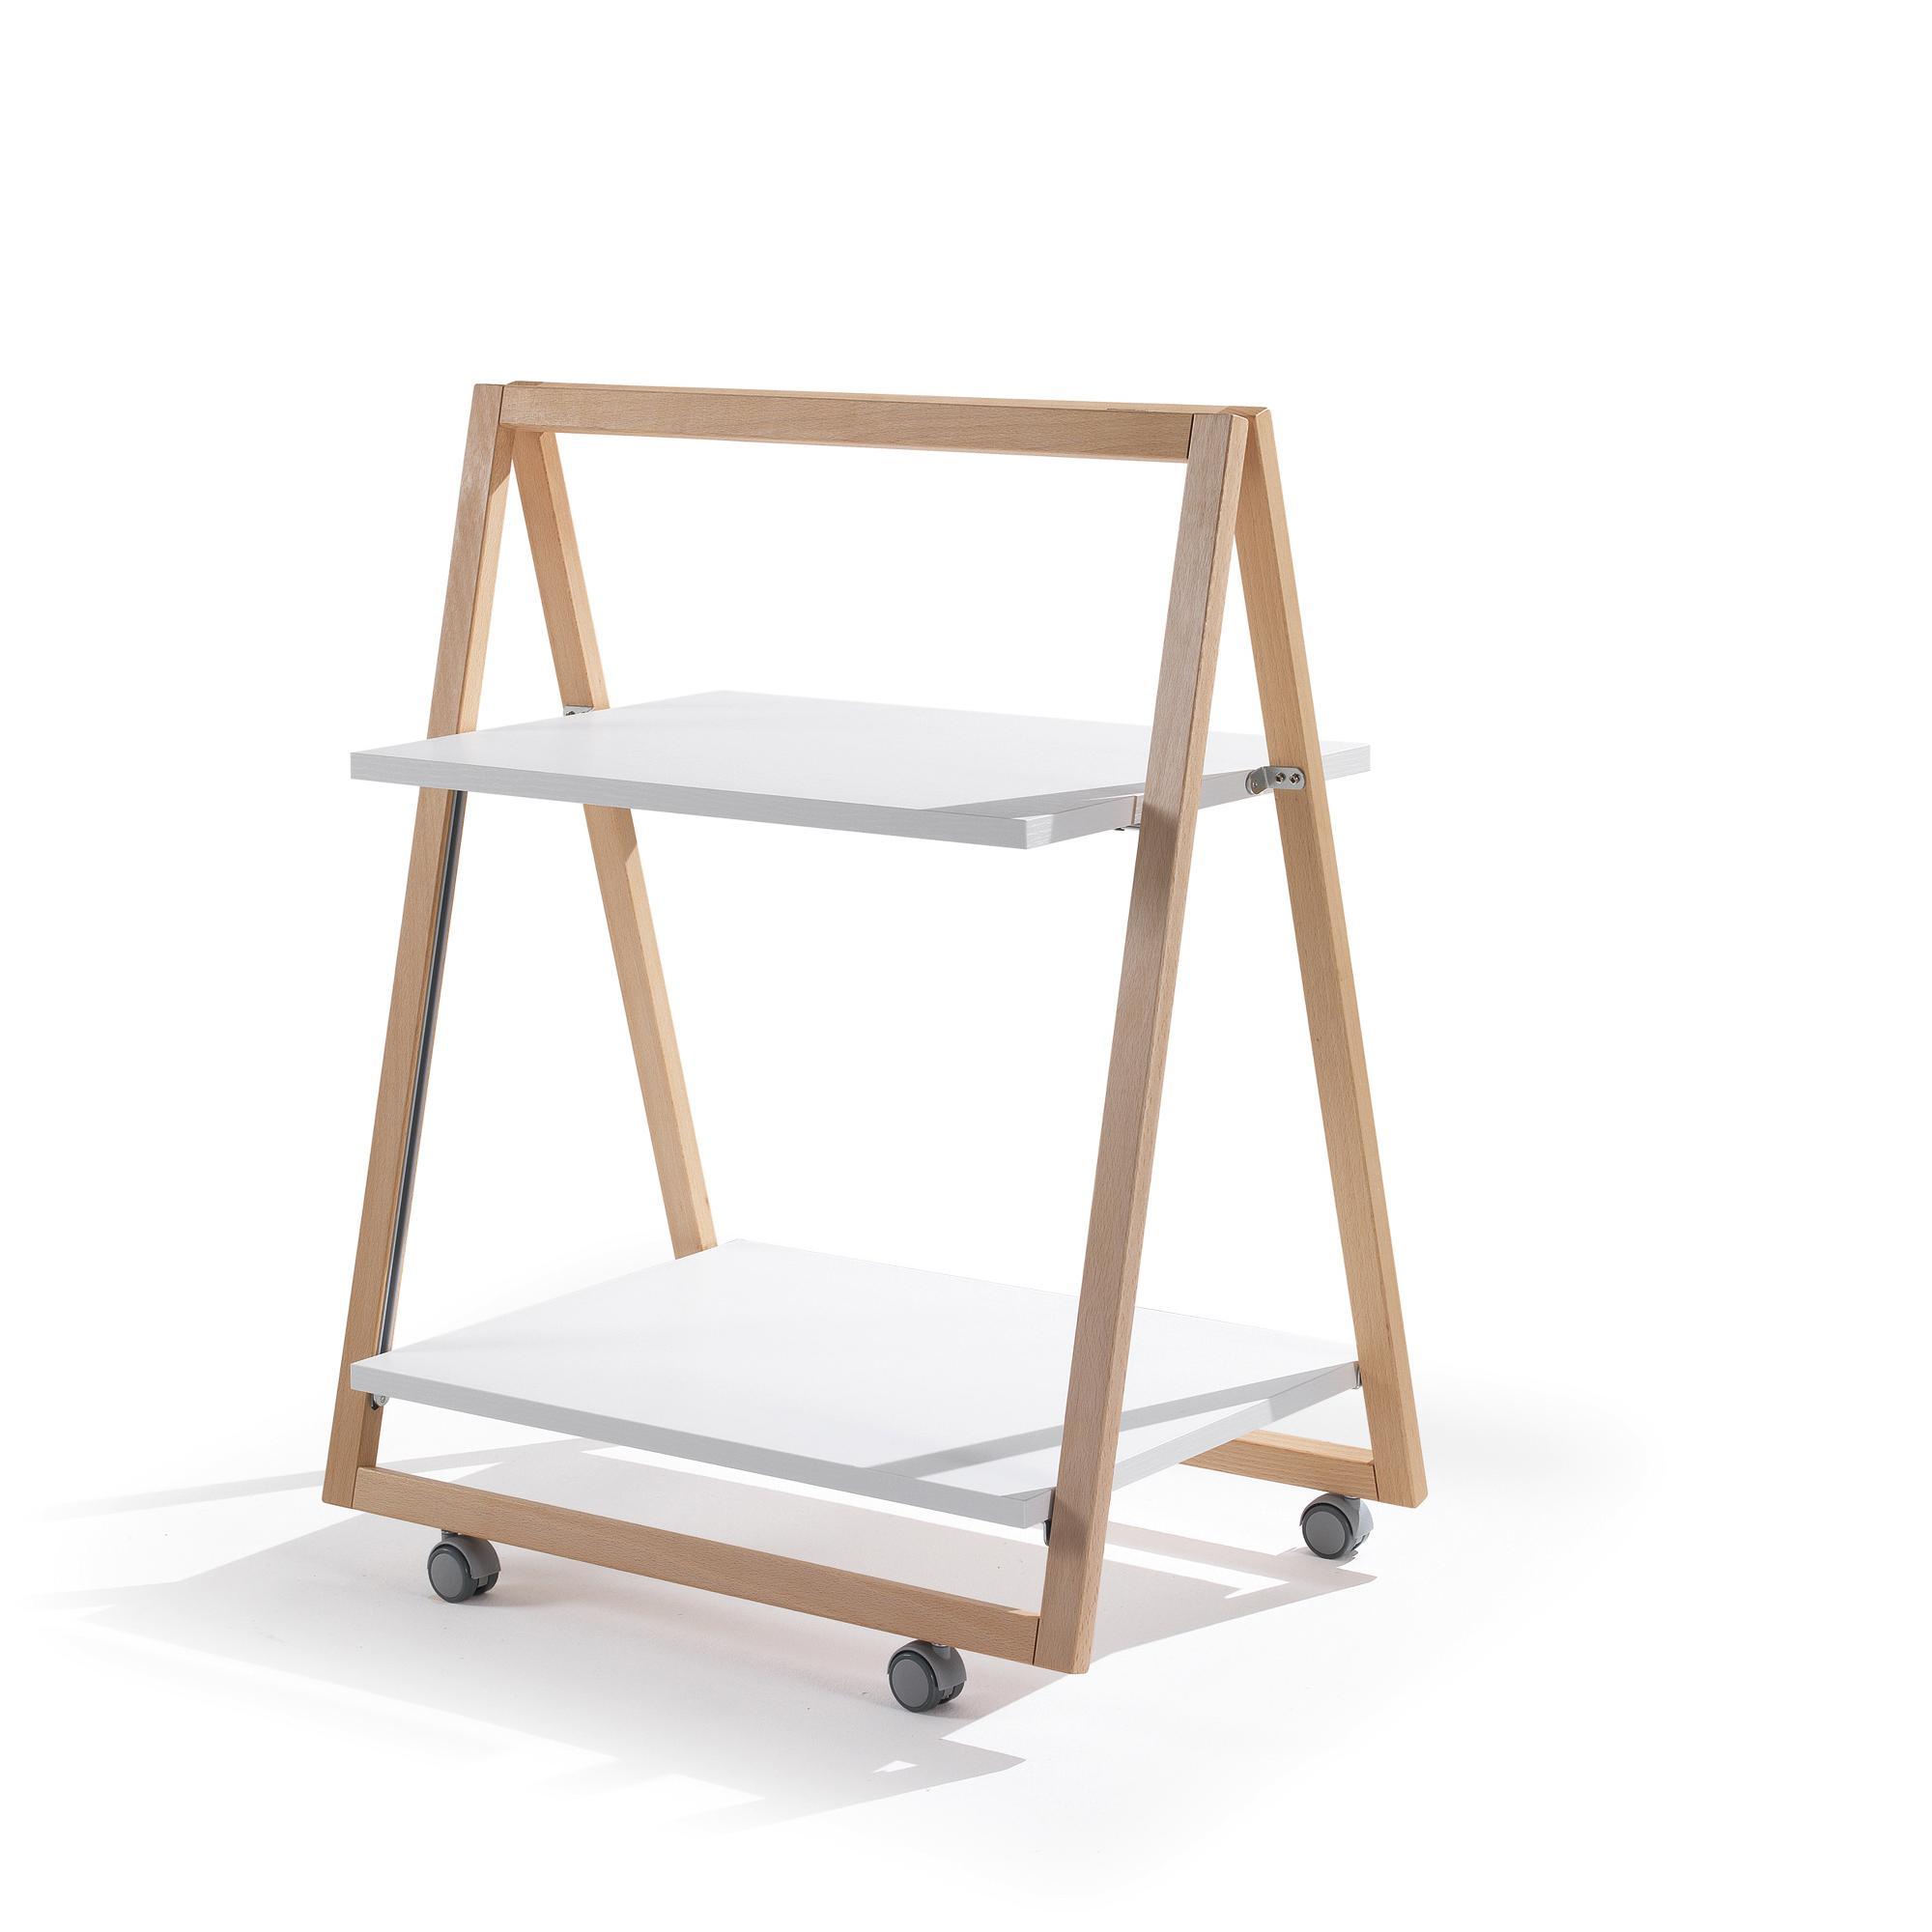 Carrello Portavivande Trolley richiudibile 64x43xh80 cm in legno di faggio  | Maconi srl